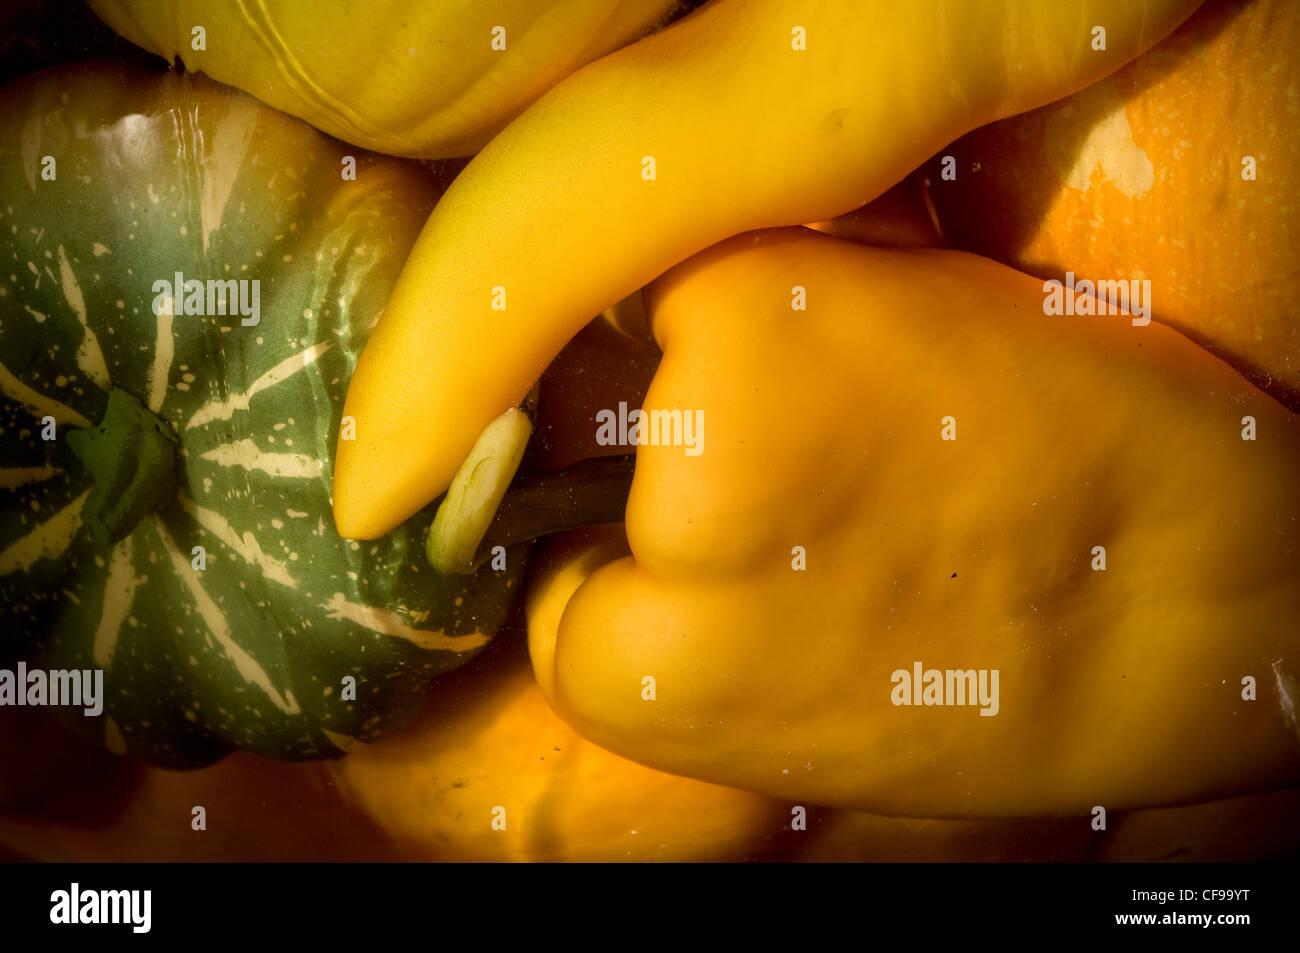 Un antiossidante, bell, nero, calorie, pepe di Caienna, pollo, Cile, chili chili, colore, mais, deliziosa, dieta, Immagini Stock